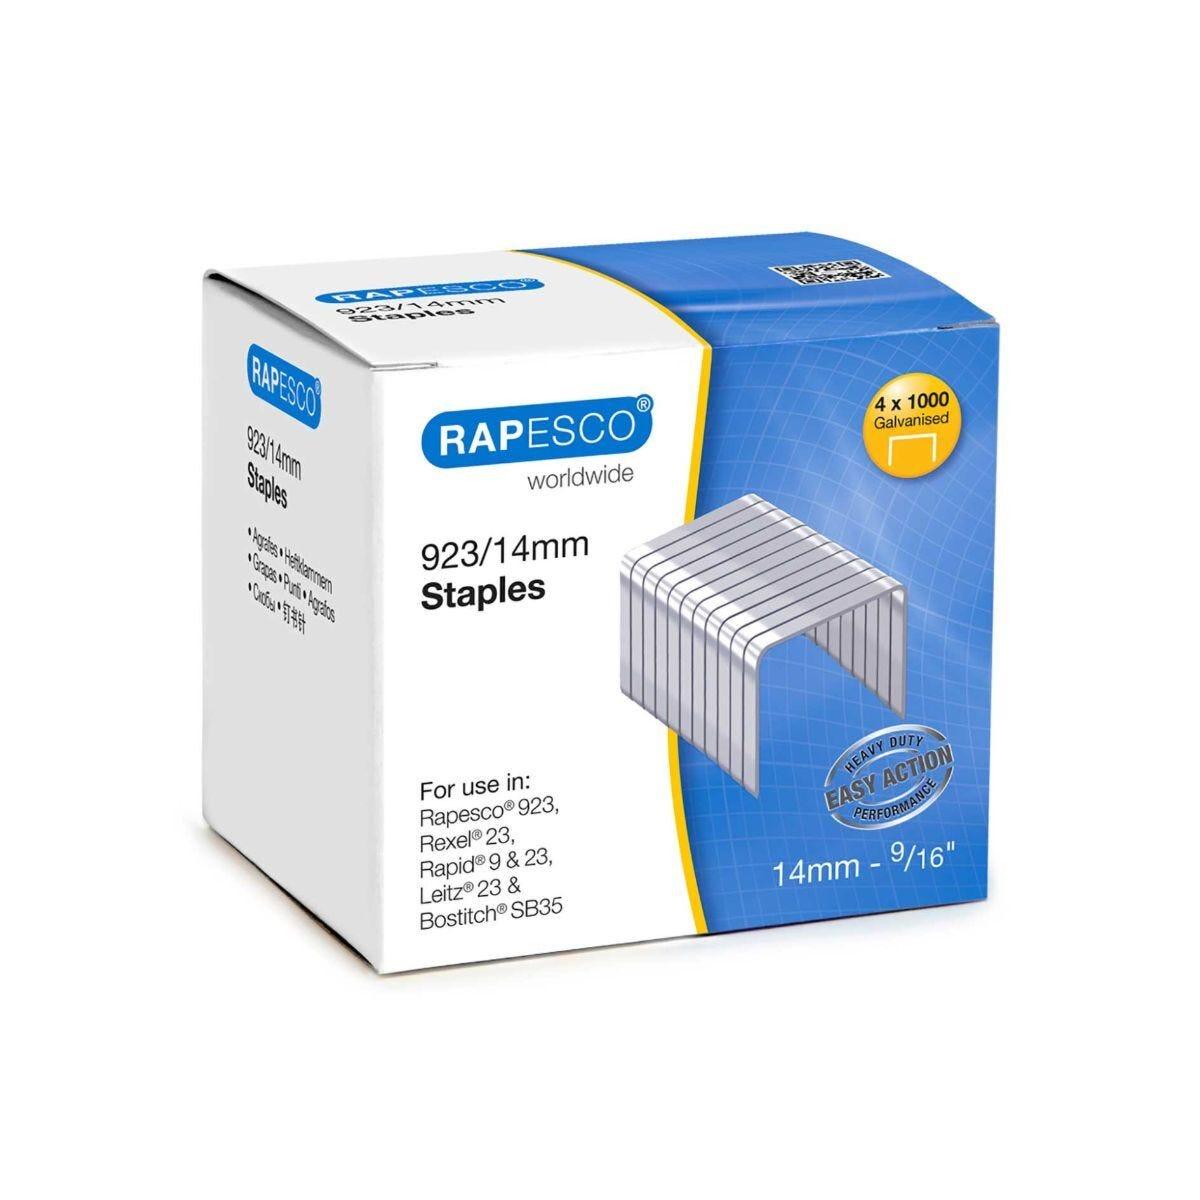 Rapesco Heavy Duty Staples 923/14mm Pack of 4000